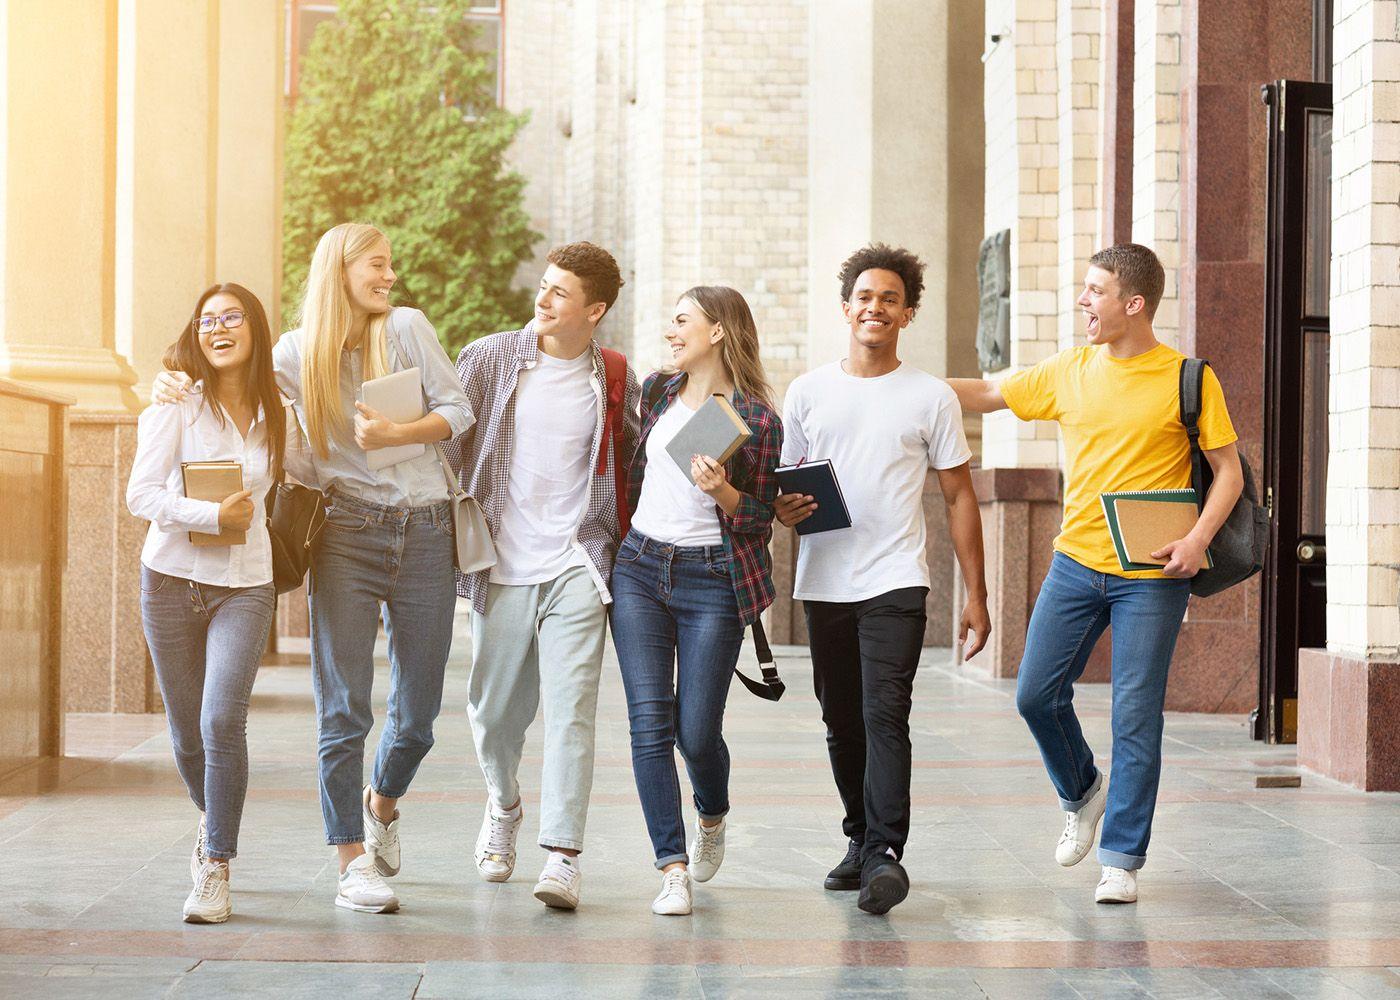 seis jovens calouros em universidade